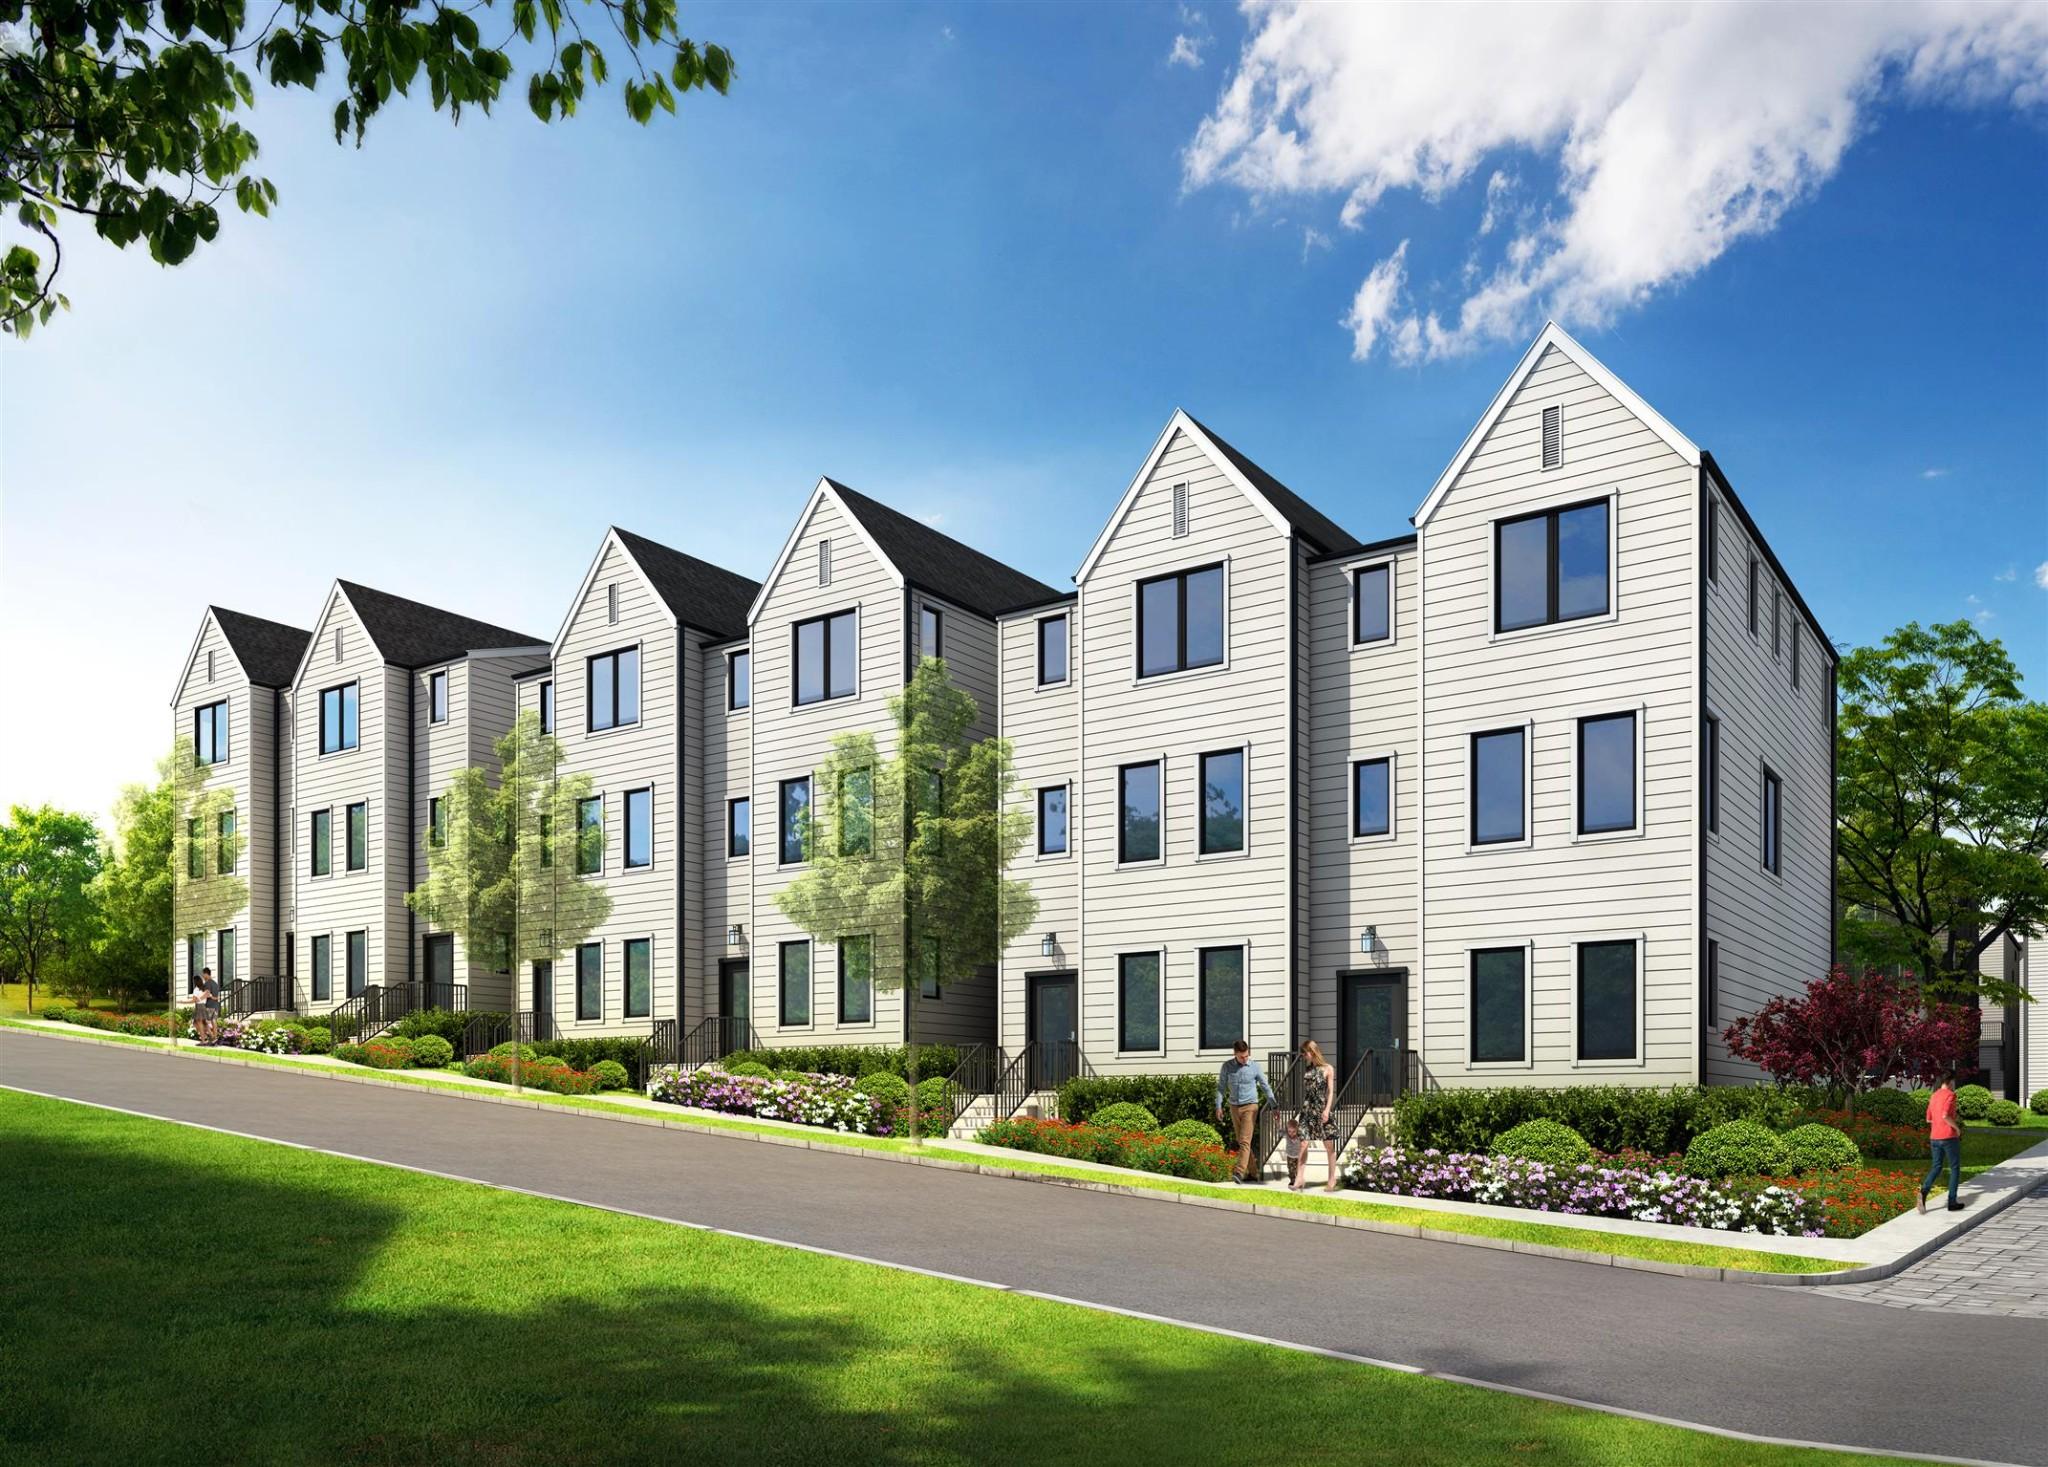 6010 Sterling St, Nashville, TN 37209 - Nashville, TN real estate listing